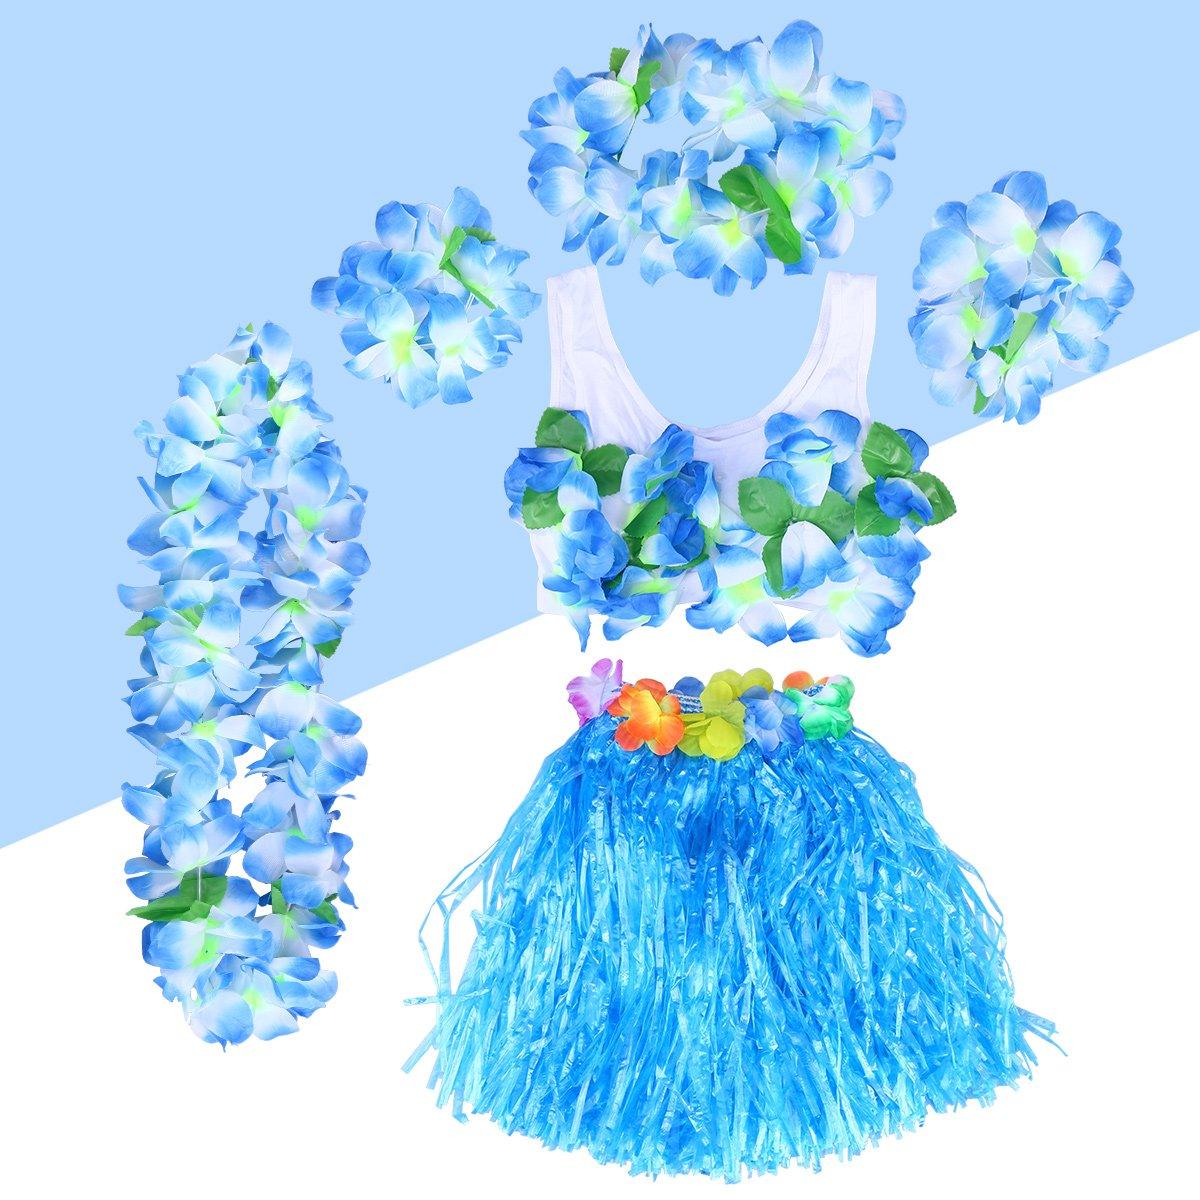 BESTOYARD 6pcs Costume Hawa/ïen Jupe Hula avec Fleurs Multicolores Bracelets Couvre-Chef Soutien-Gorge Colier 40cm Bleu